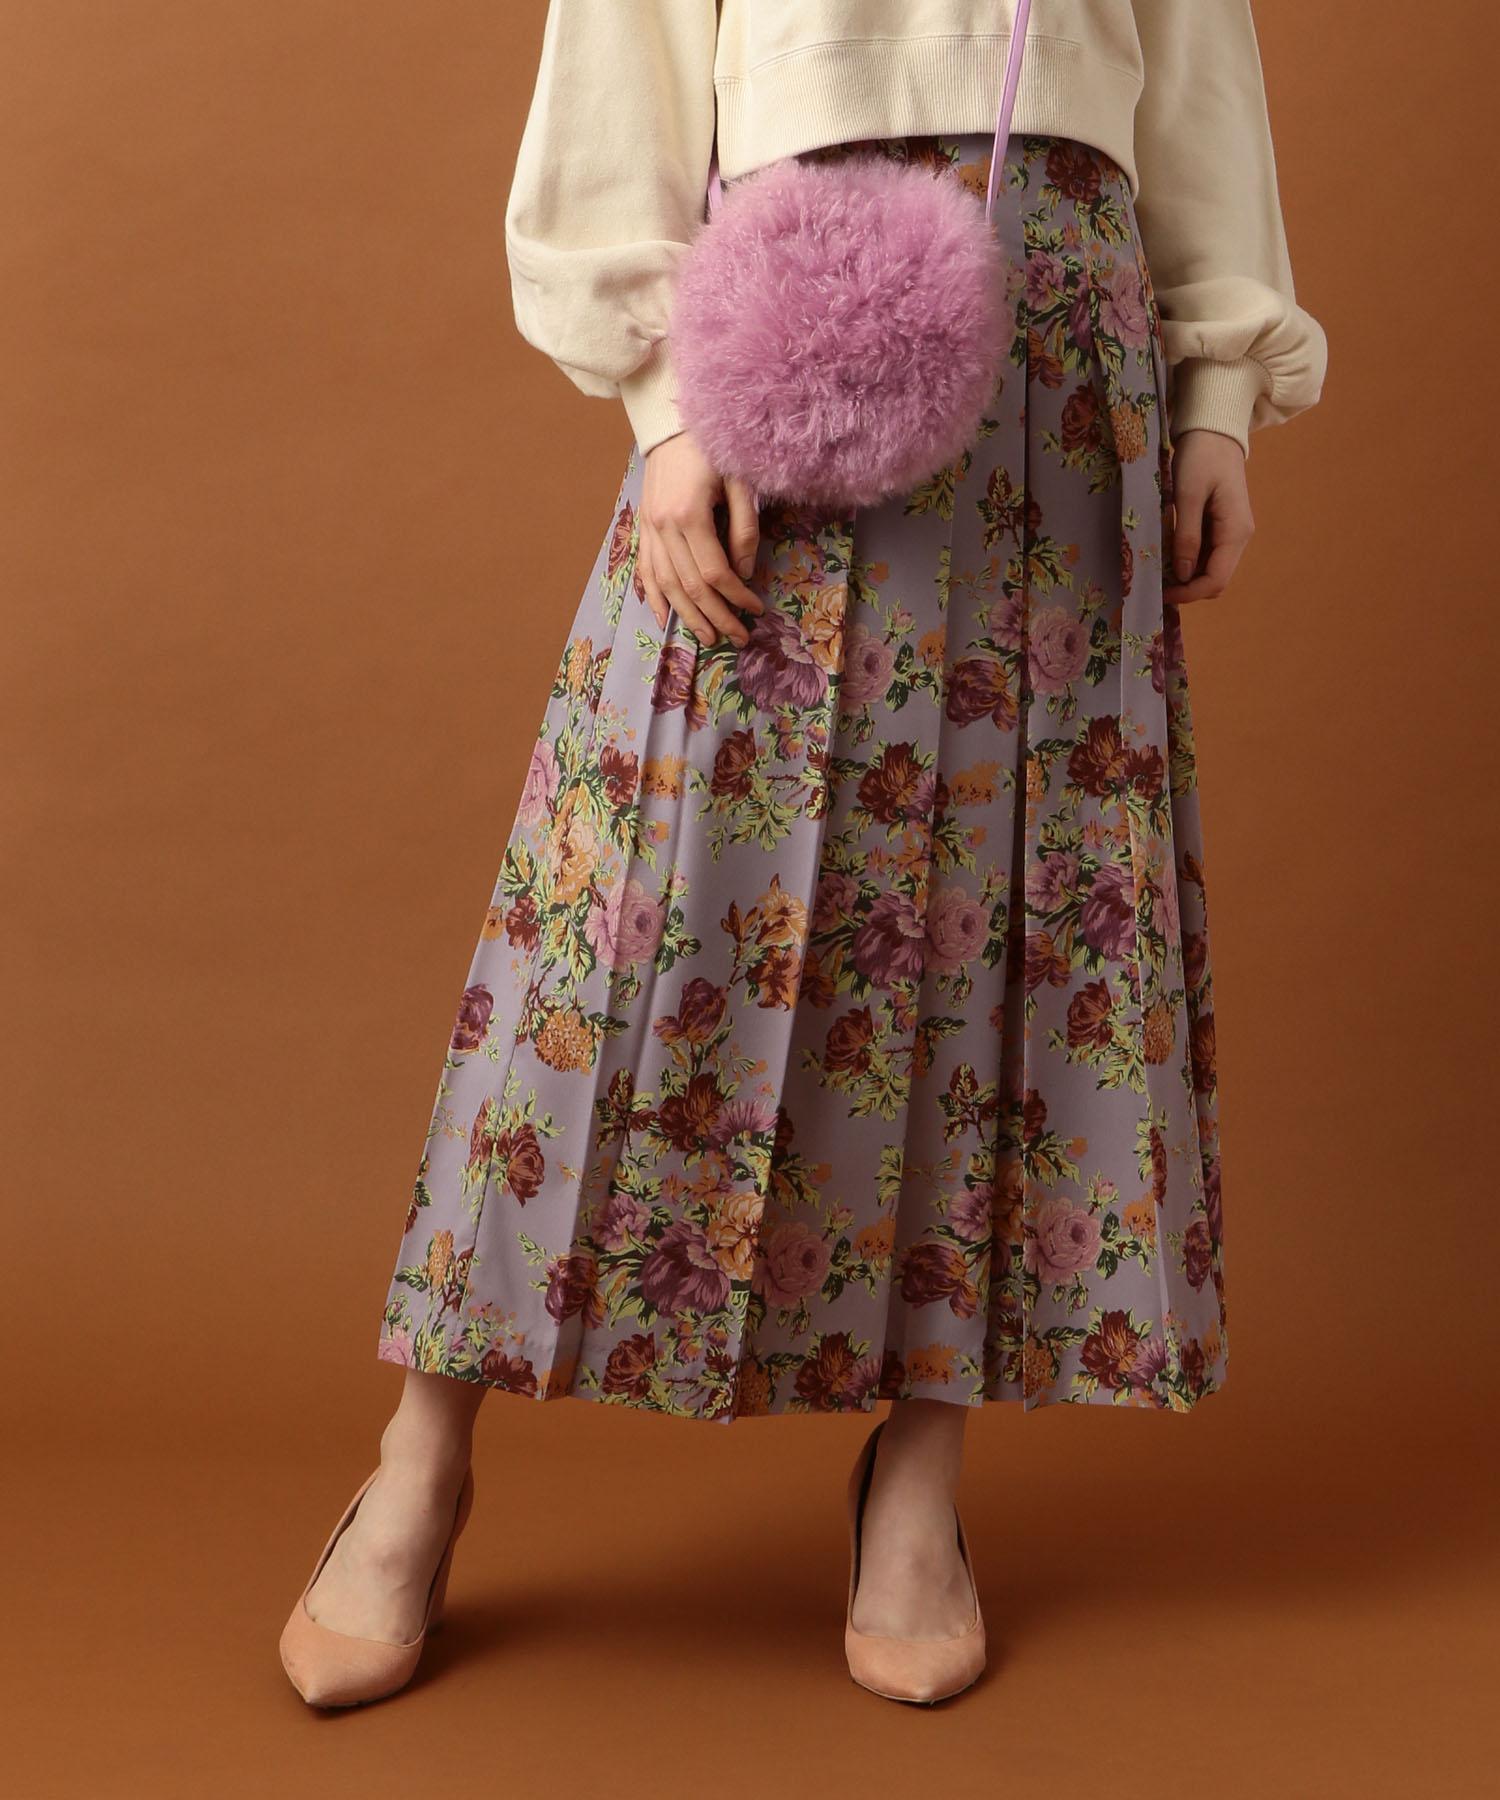 ヴィンテージブーケスカート